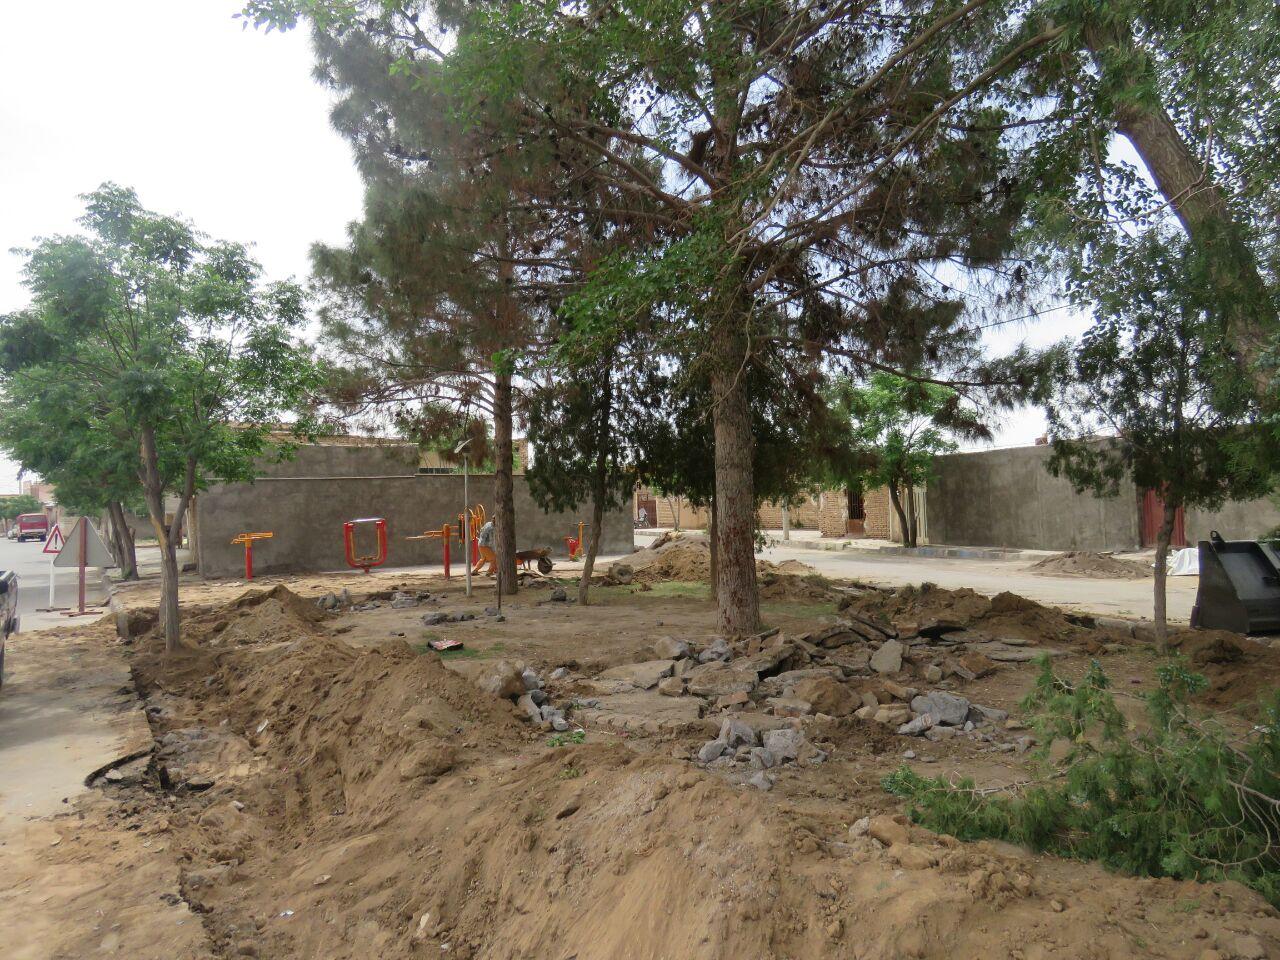 شروع عملیات جدولگذاری و بهسازی بوستان فاطمیون توسط شهرداری سفیدشهر